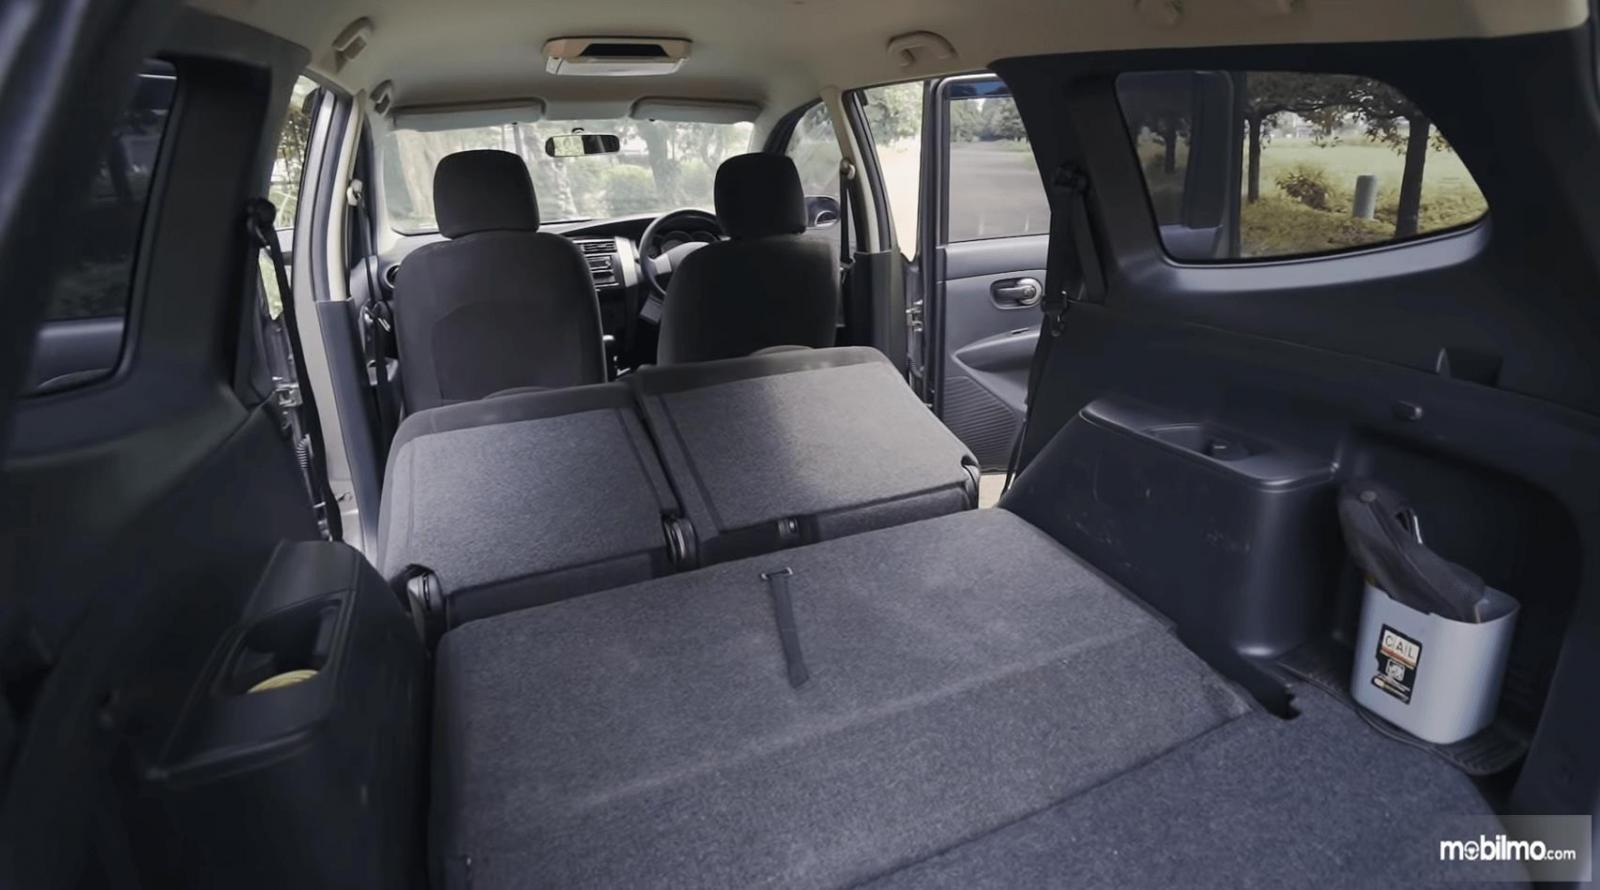 Gambar ini menunjukkan bagasi mobil Nissan Grand Livina 1.5 XV 2012